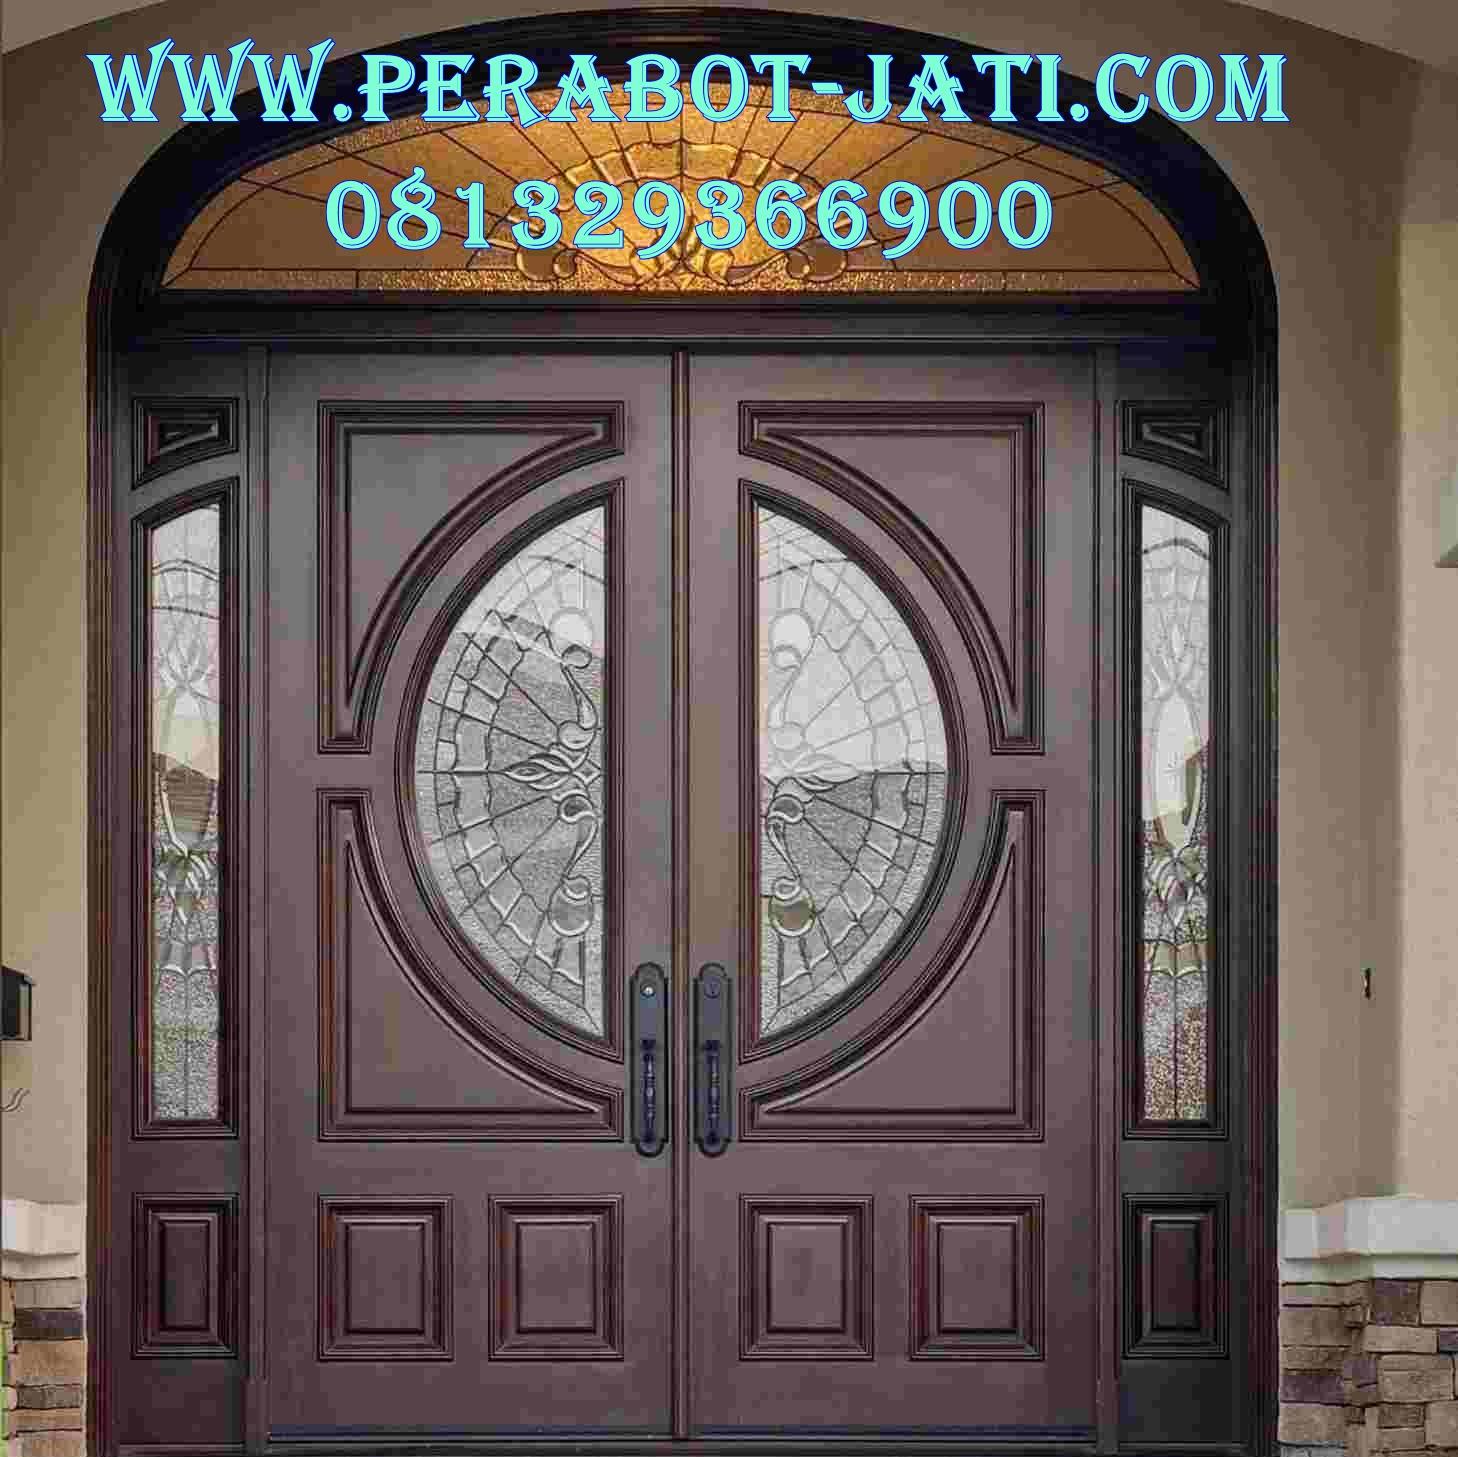 Desain Kusen Pintu Mewah Modern